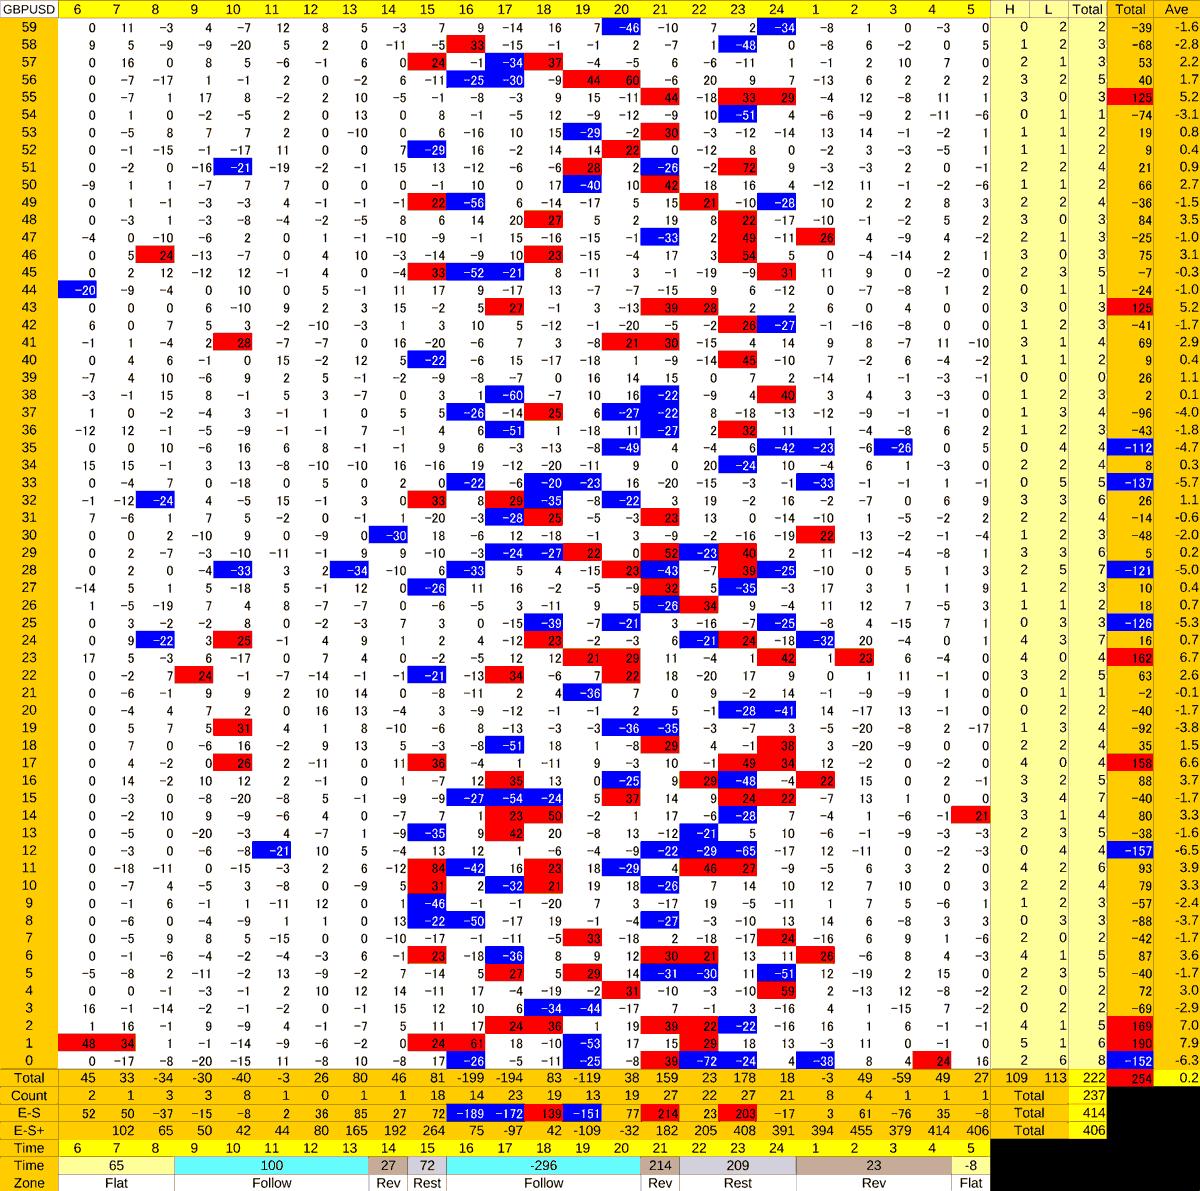 20201012_HS(2)GBPUSD